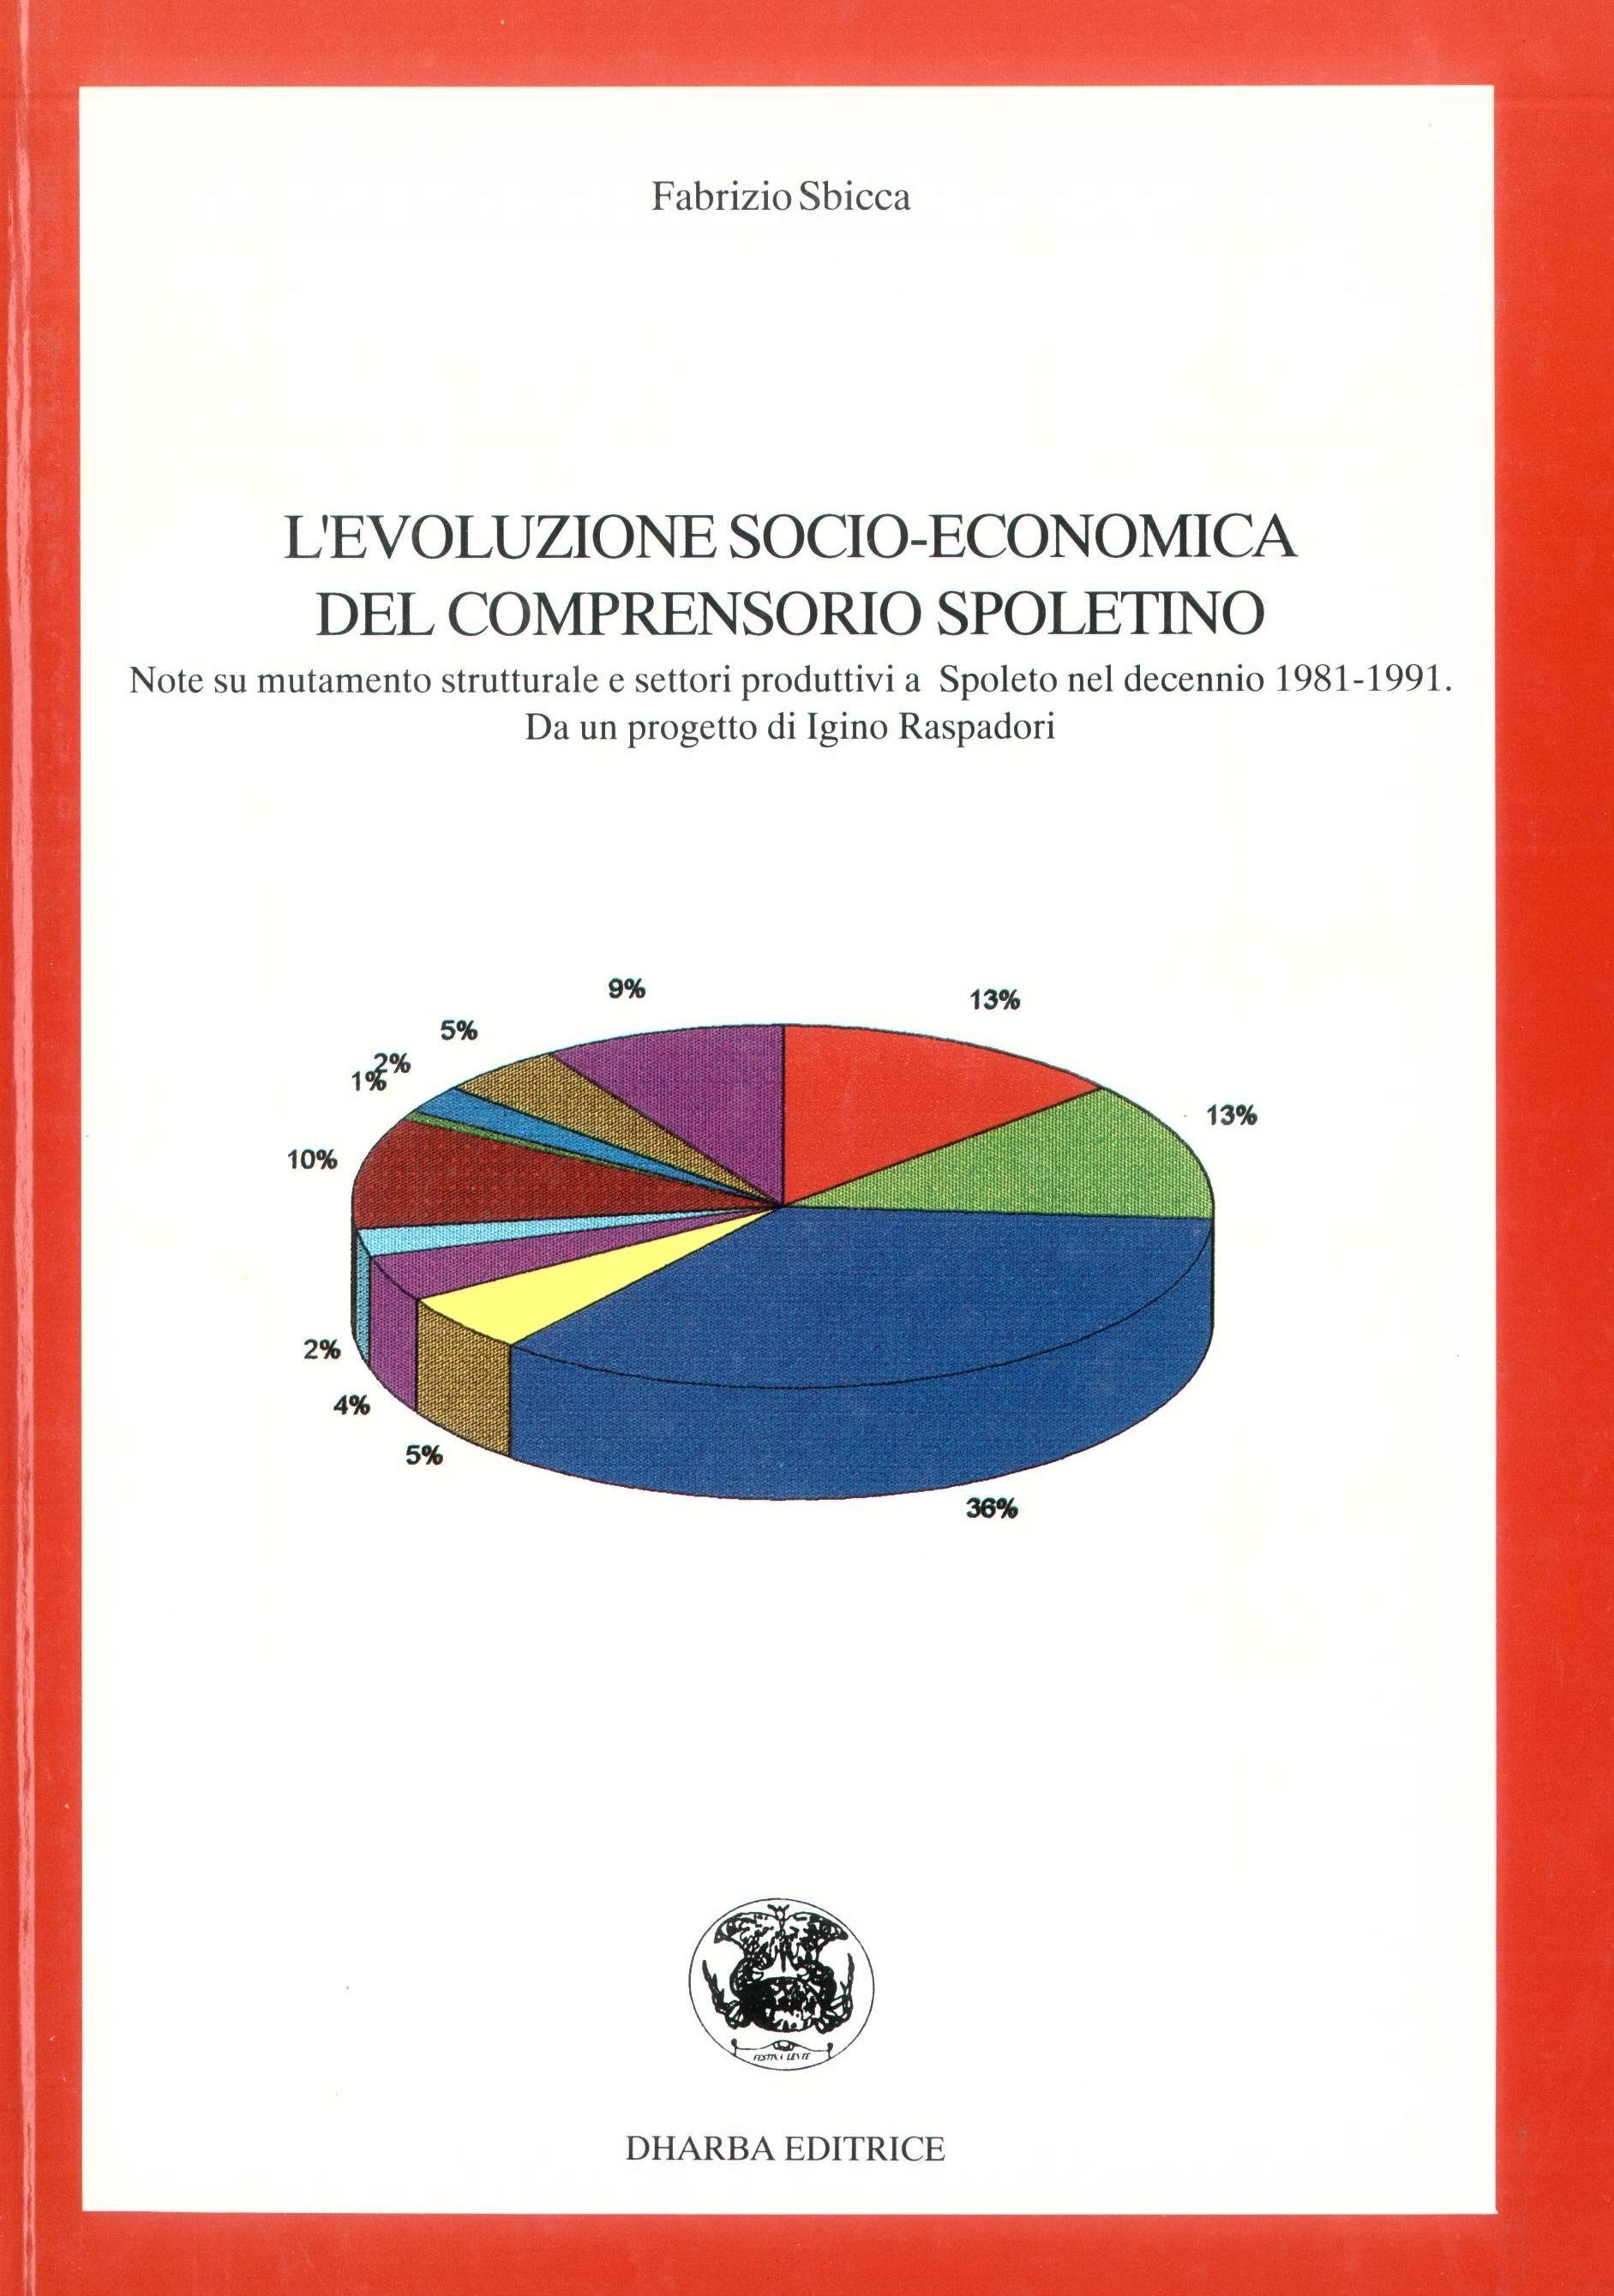 L'evoluzione socio-economica del comprensorio spoletino